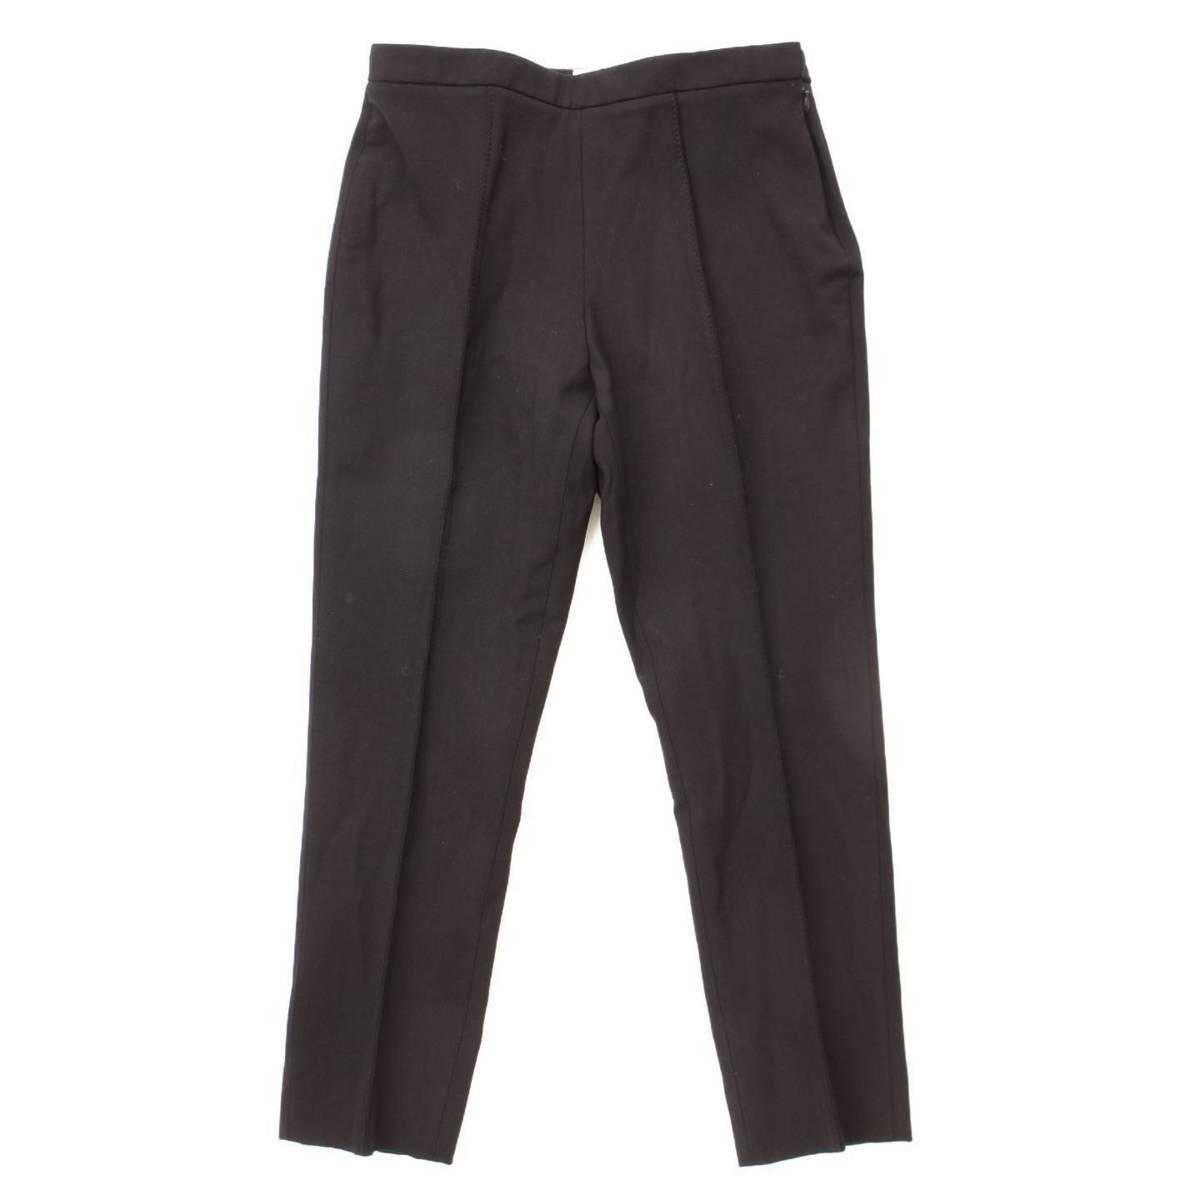 【エルメス】Hermes ピンタック クリースライン スラックス パンツ ブラック 38 【中古】【鑑定済・正規品保証】86696